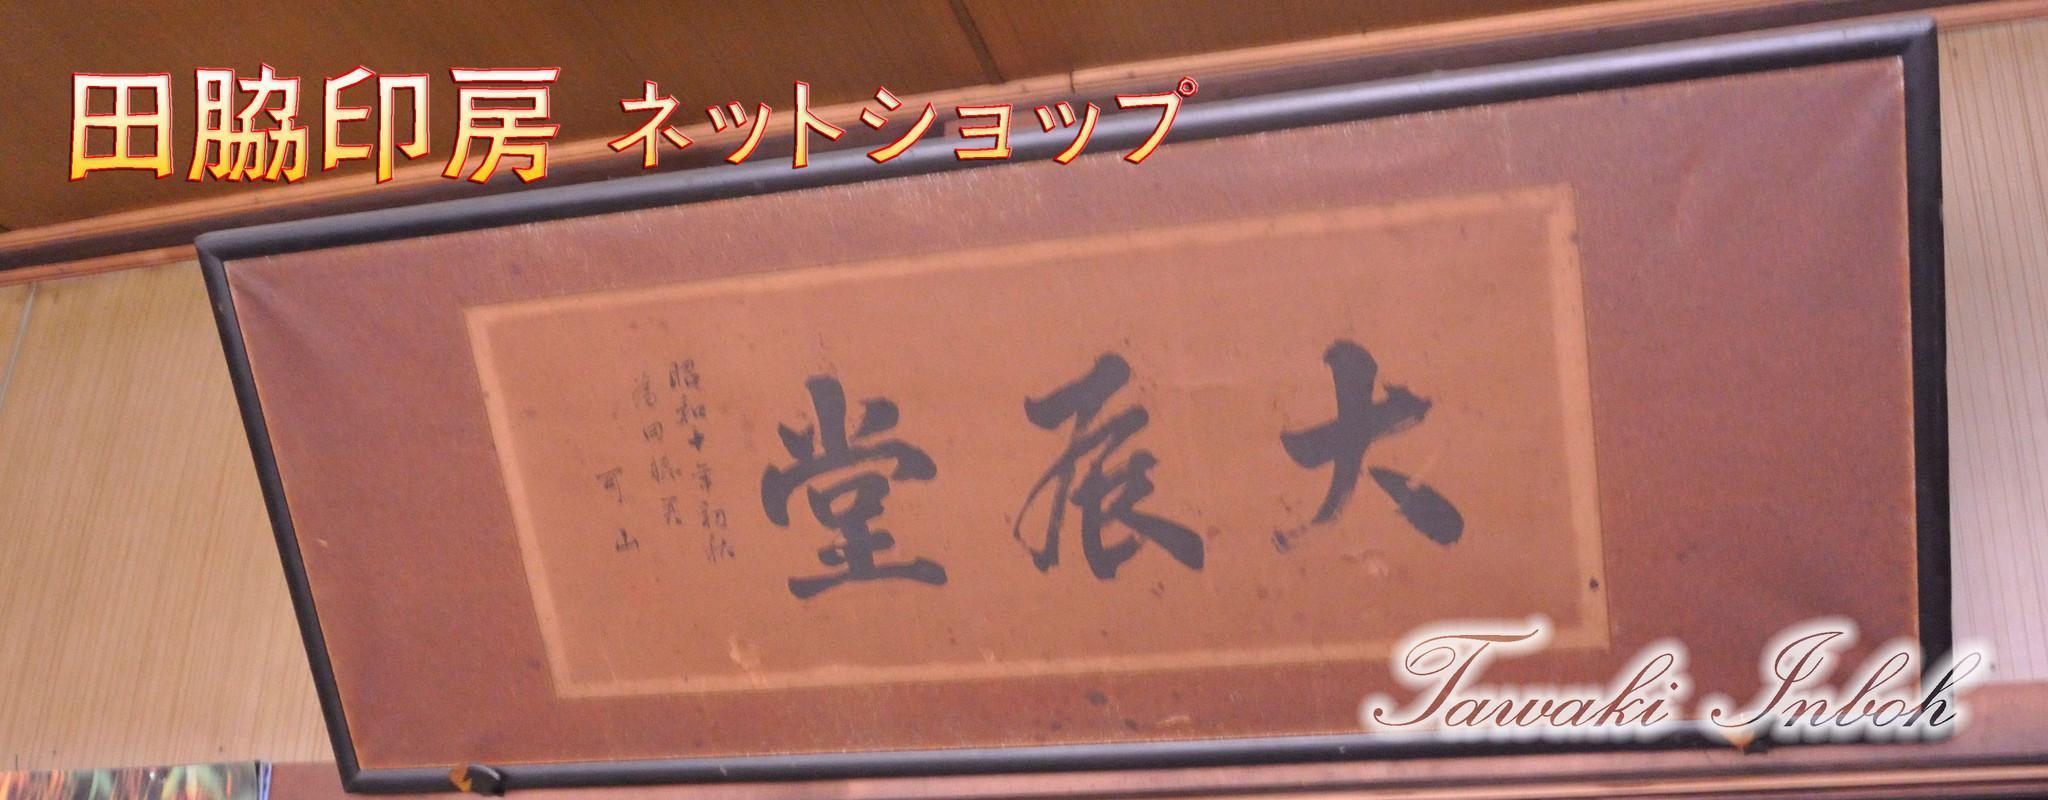 田脇印房バーチャル店